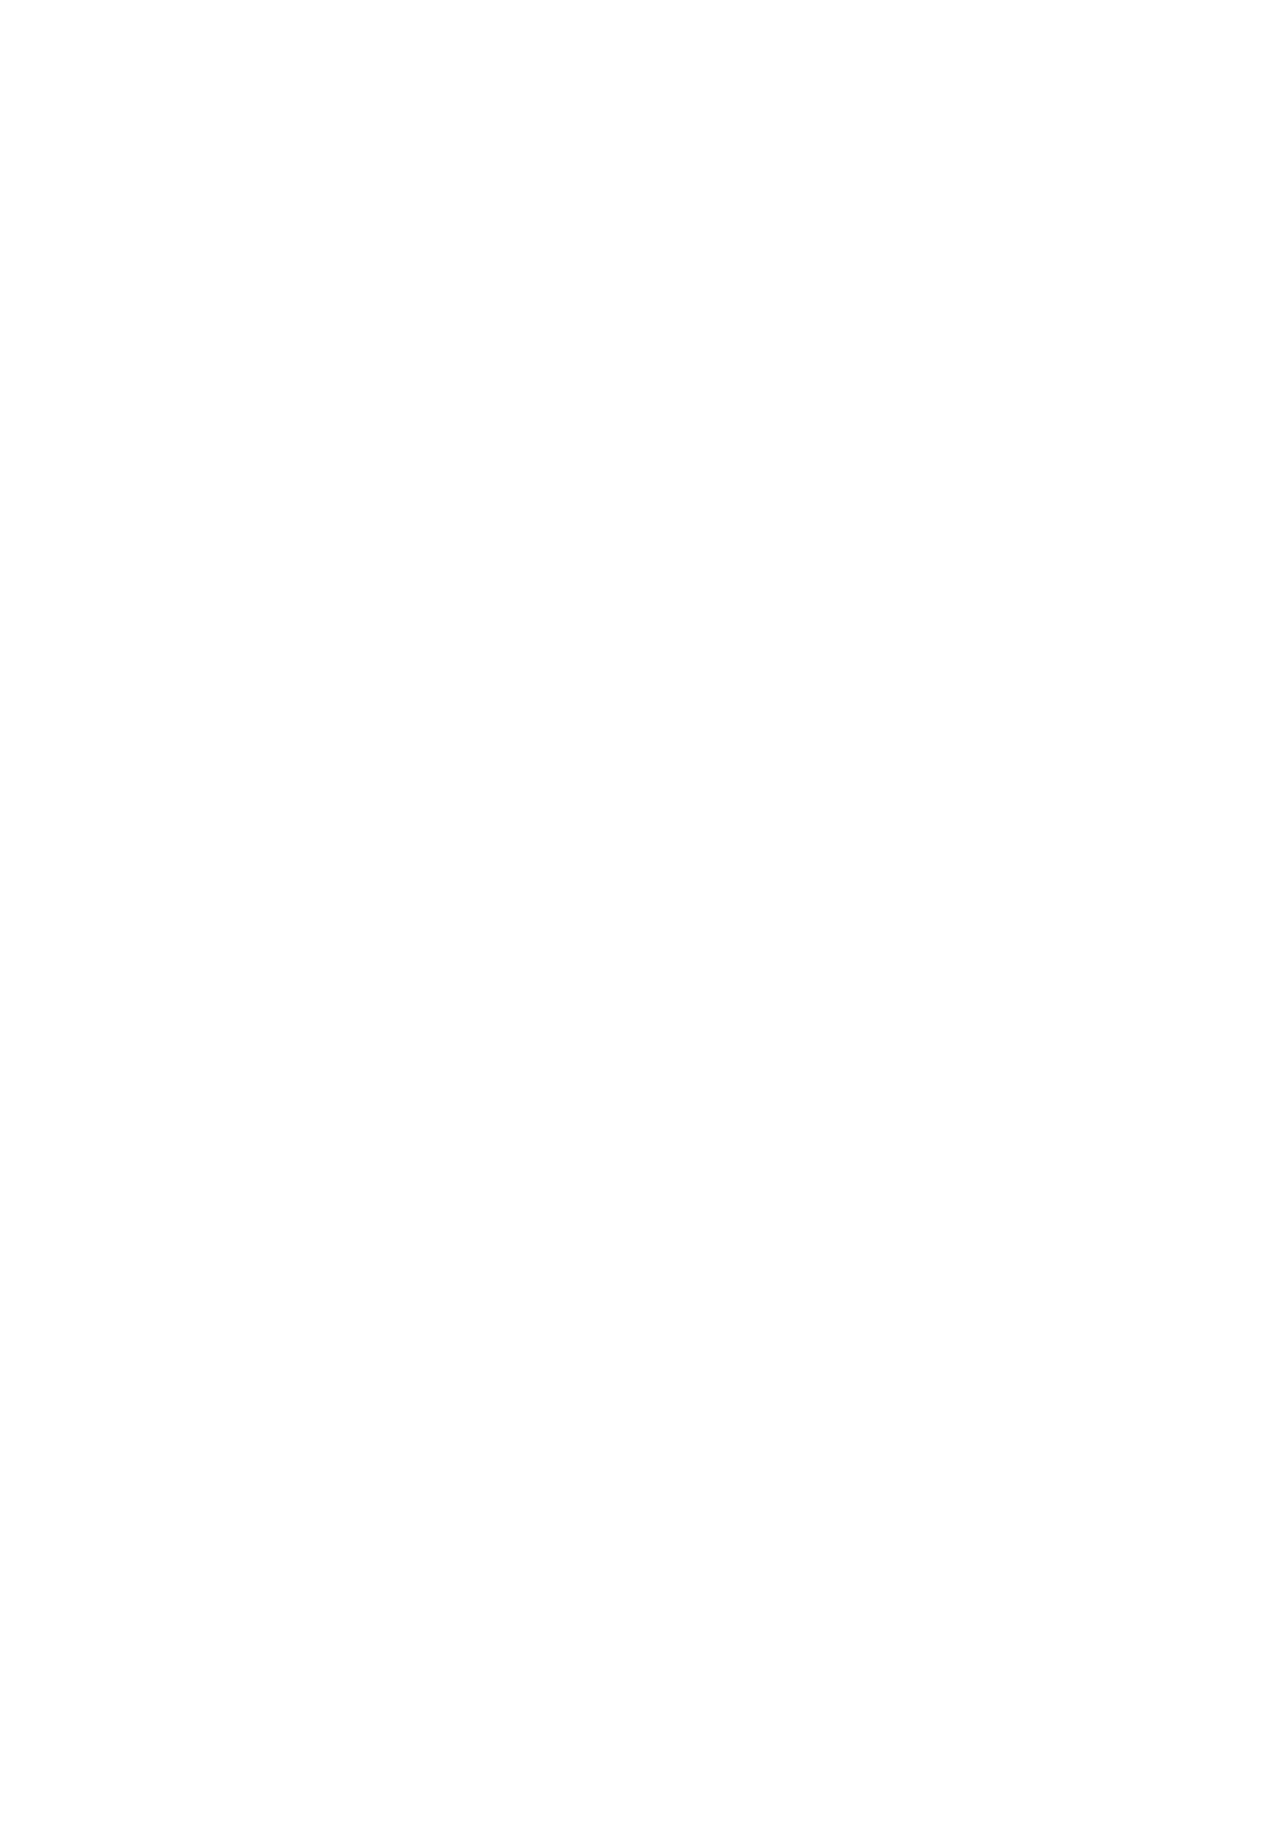 (C95) [Shirotsumekusa (Nozawa Yukiko)] Karakai Onee-san ga Kaeriuchi ni Au Hon   The book where the teasing onee-san gets it back [English] [Shinmei] 1